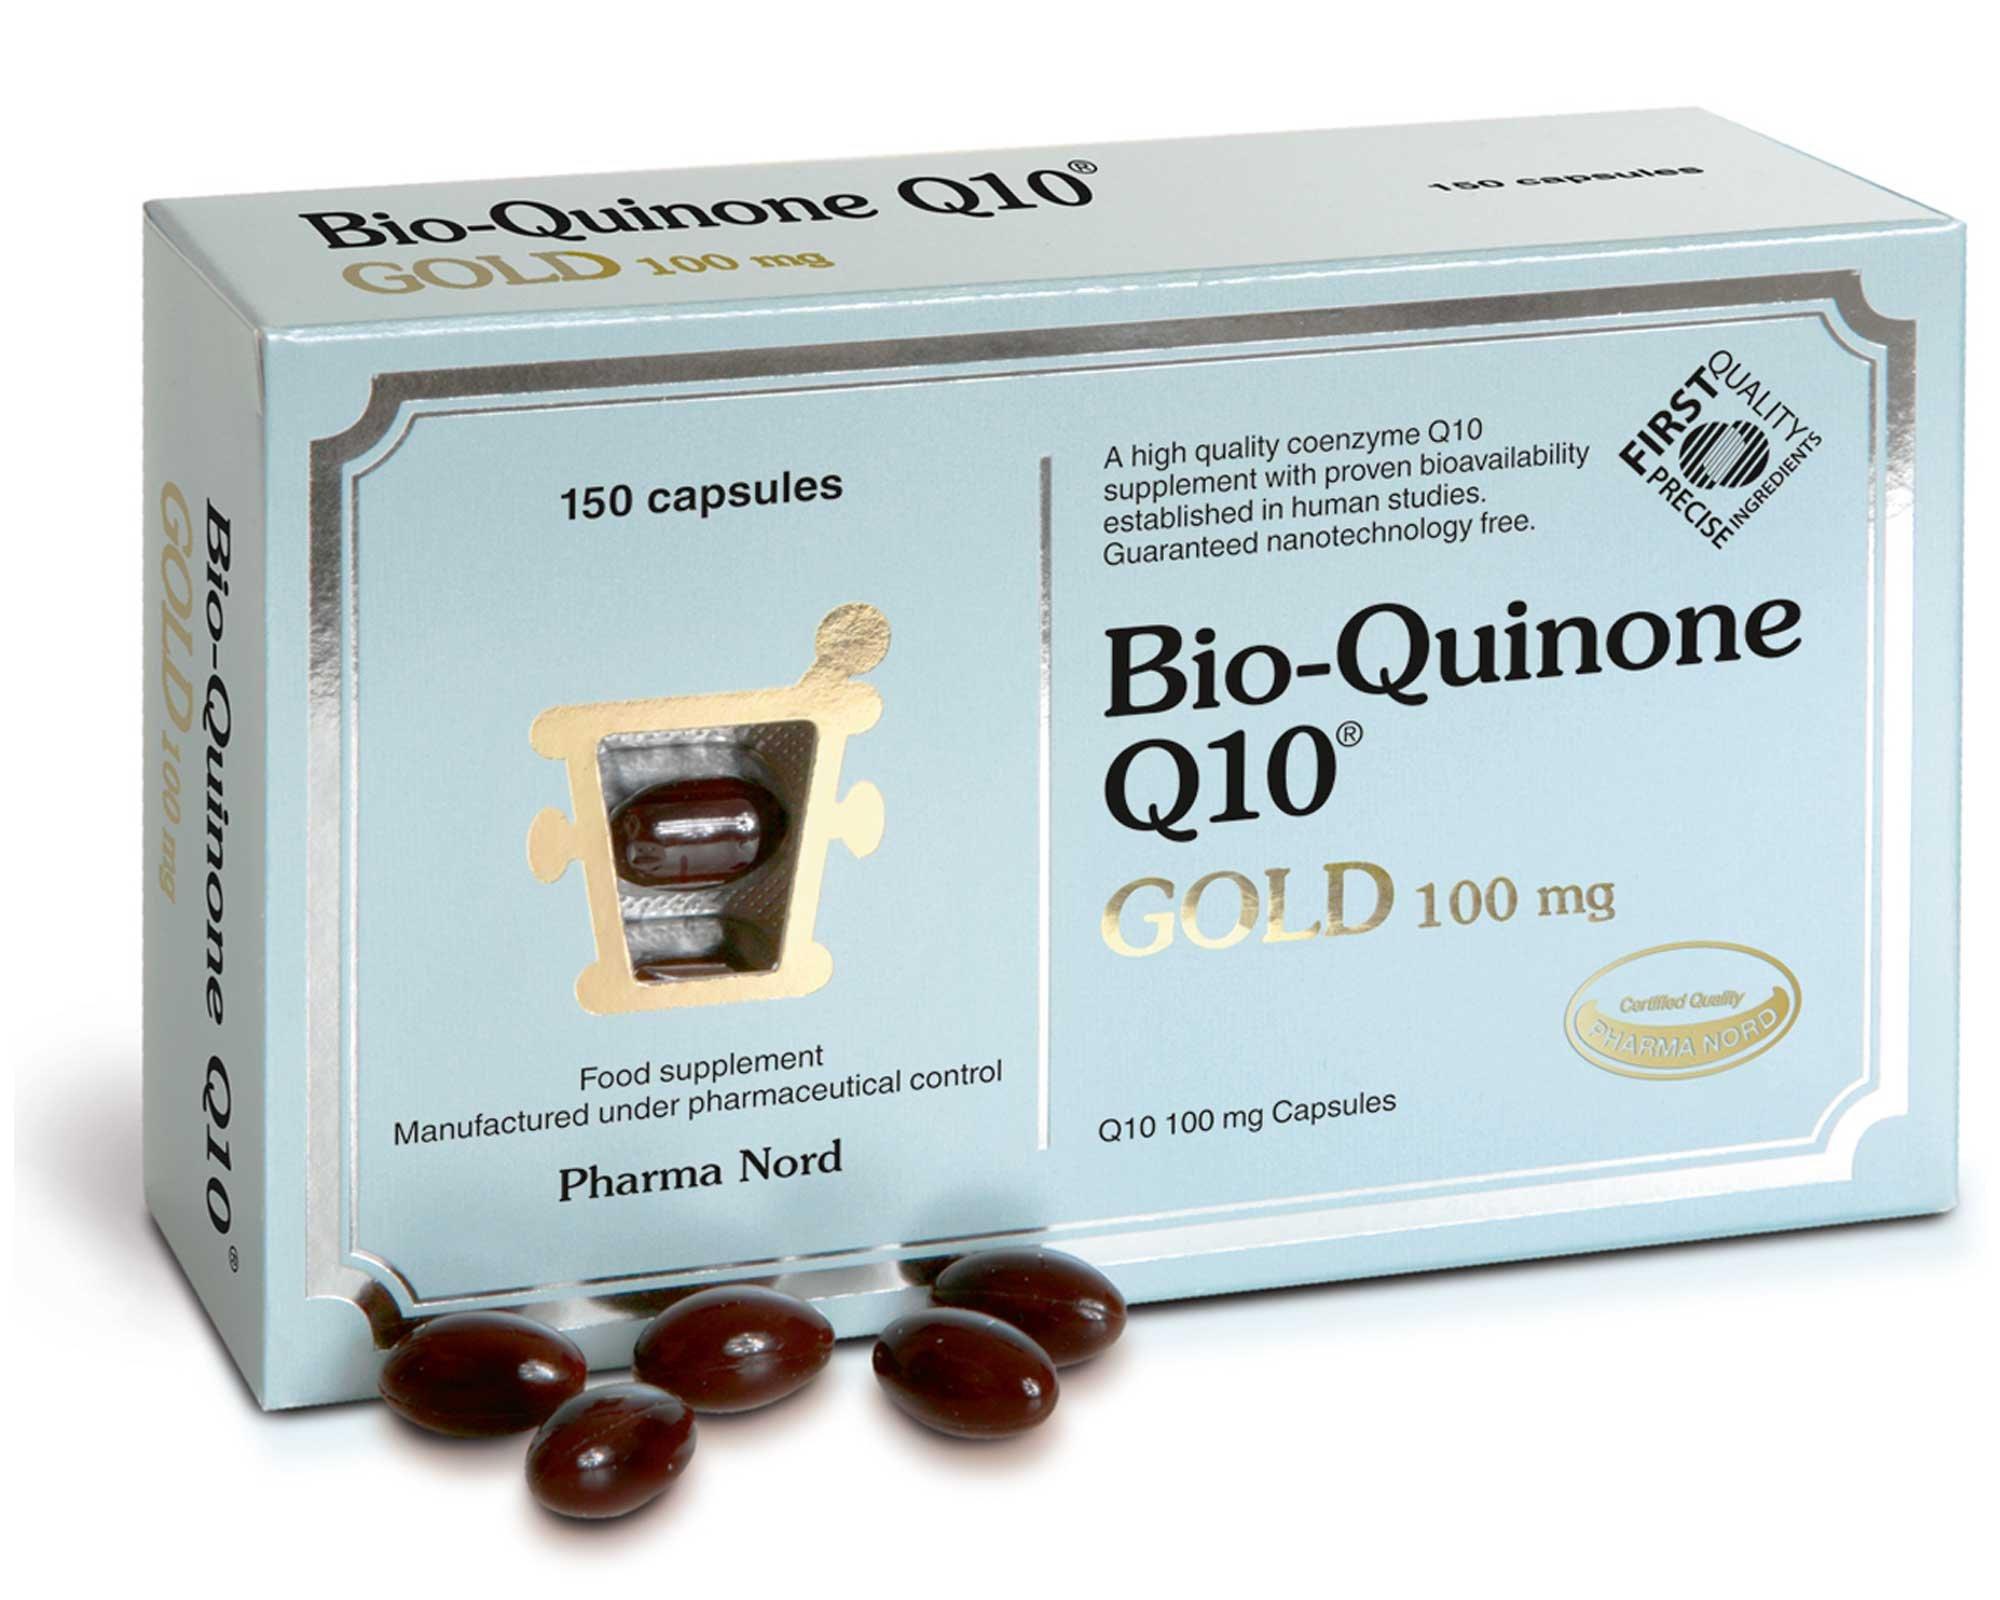 Pharma Nord Bio-Quinone Q10 Gold Capsules 100mg 150 Capsules